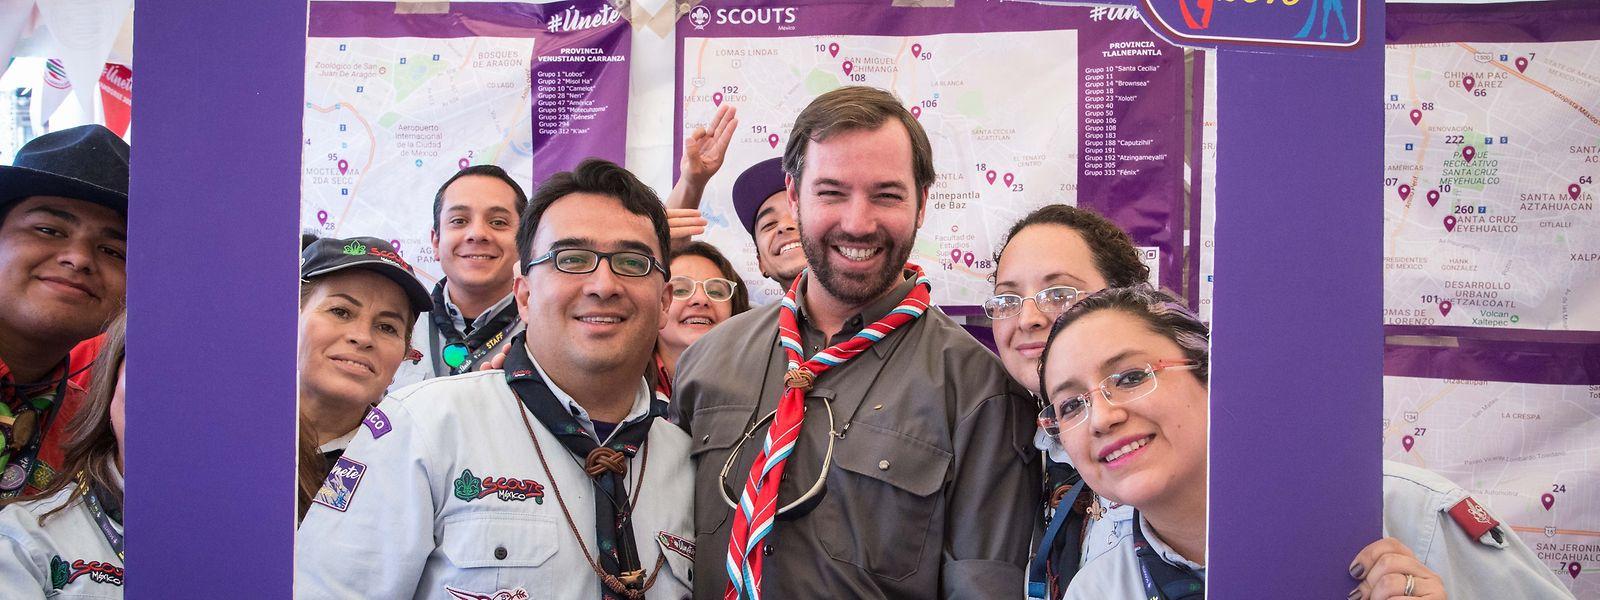 """Getreu der Tradition der großherzoglichen Familie zur Unterstützung und Förderung der Scout-Bewegung nahm Erbgroßherzog Guillaume im März vergangenen Jahres an der Sitzung der """"Baden Powell Fellows"""" in Mexico City teil."""